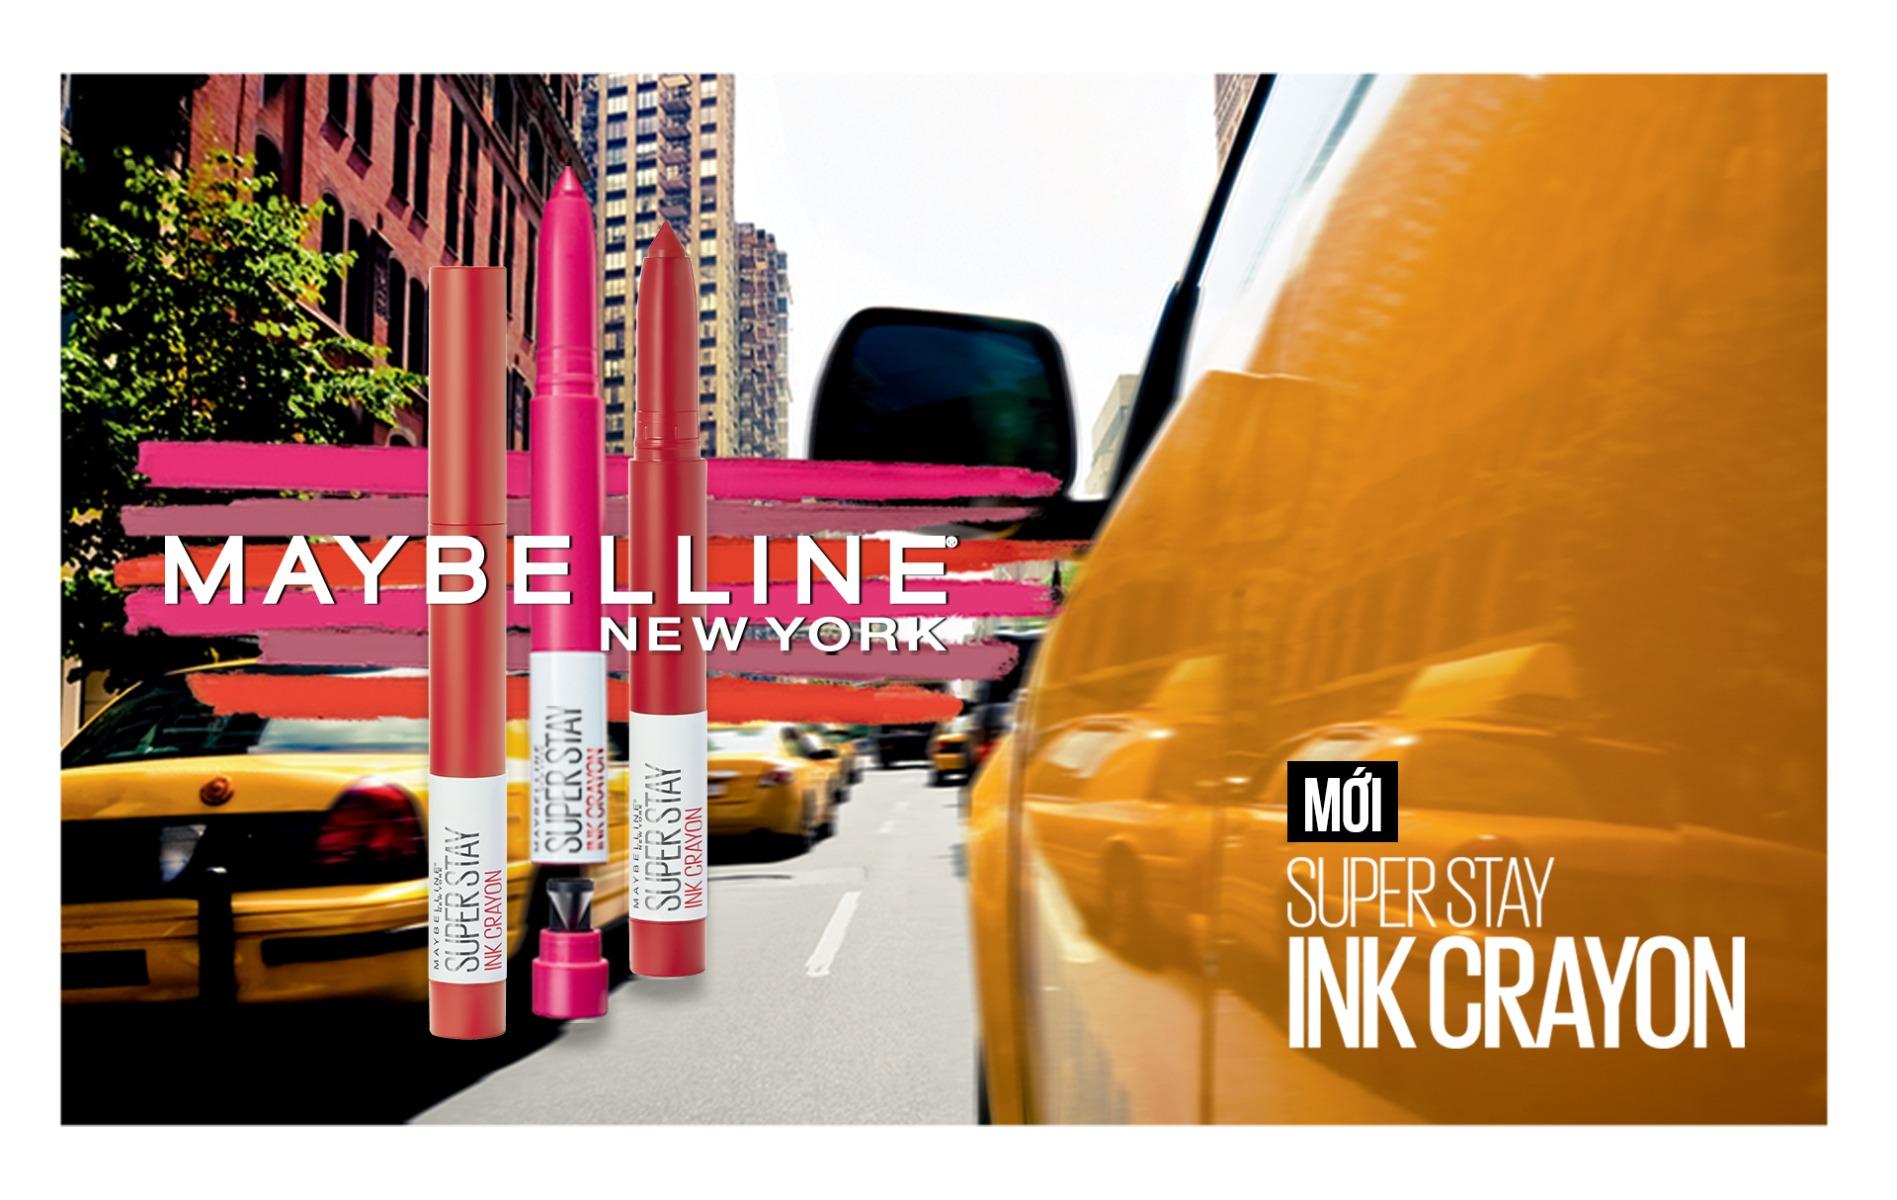 Son Bút Chì Mịn Lì 8h Lâu Trôi Maybelline Super Stay Ink Crayon 1.2g